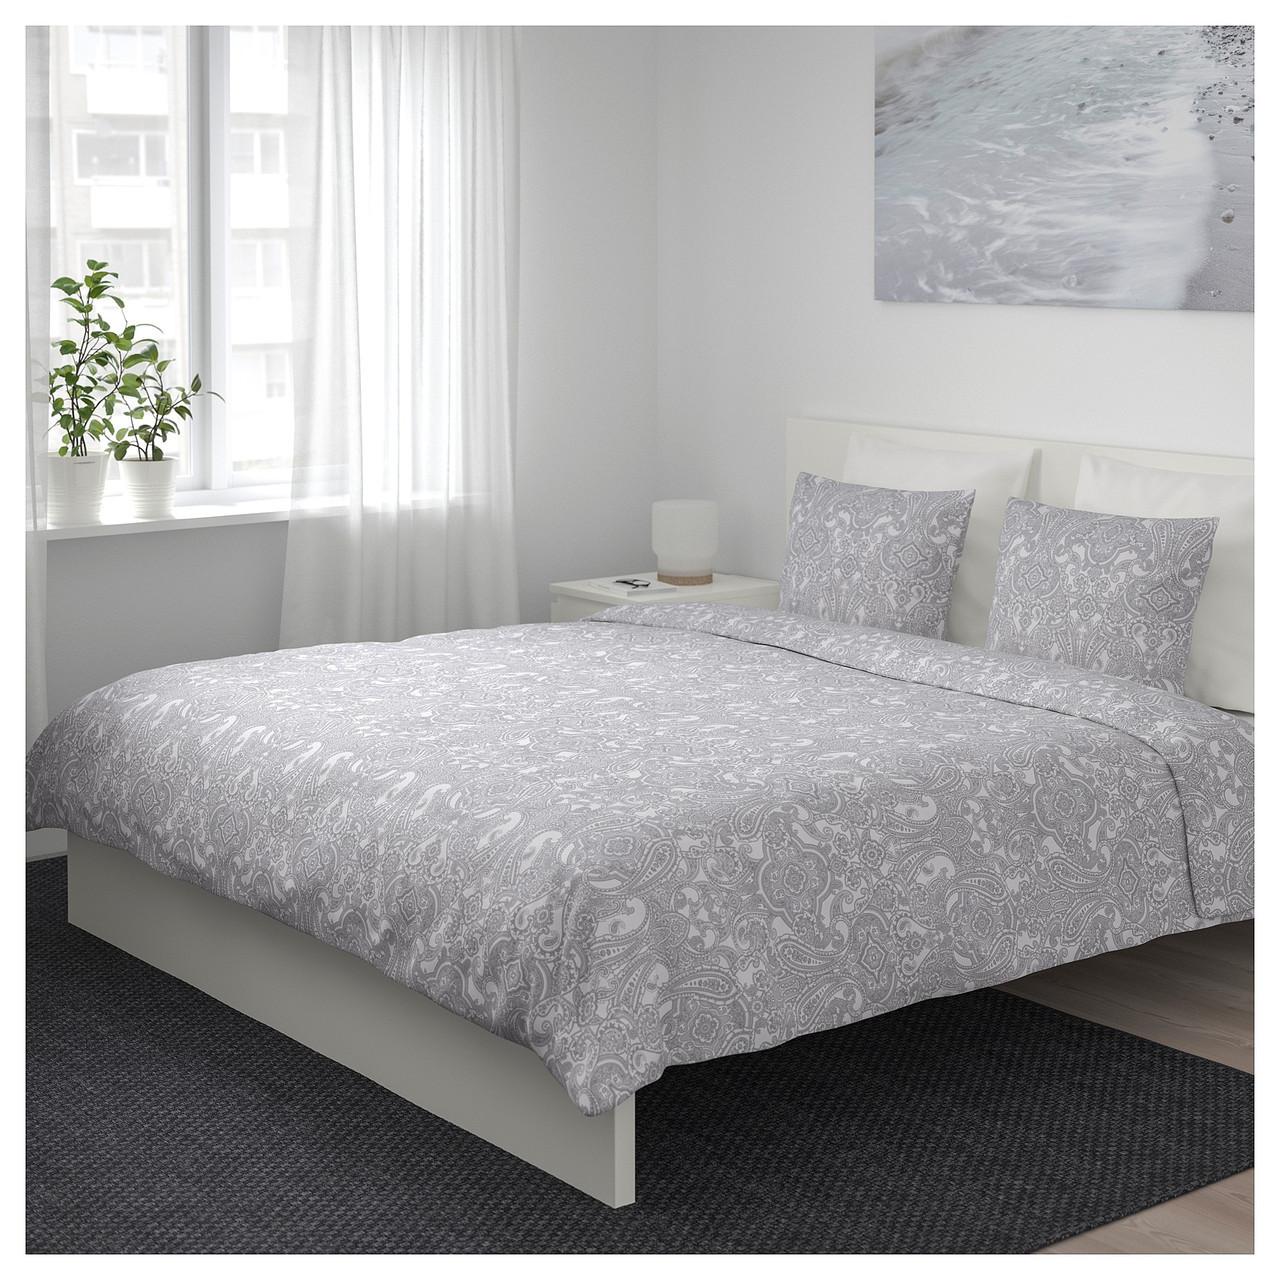 Комплект постельного белья JATTEVALLMO